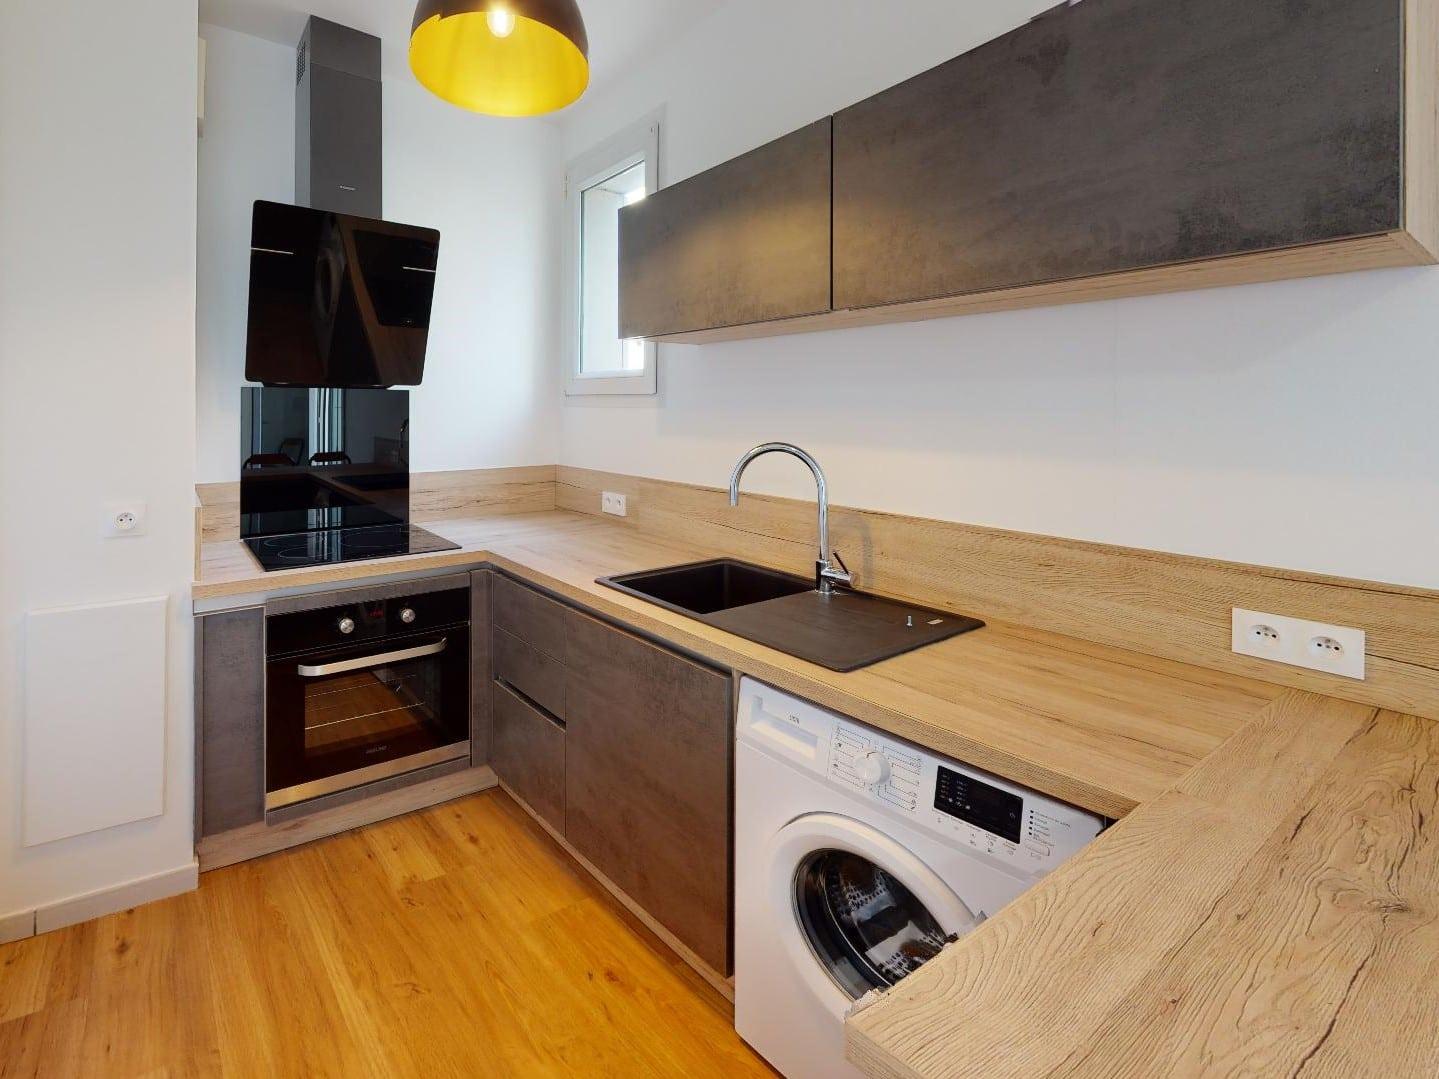 studio à louer maison alfort: 33 m², cuisine équipée: four, plaques, hotte, lave linge